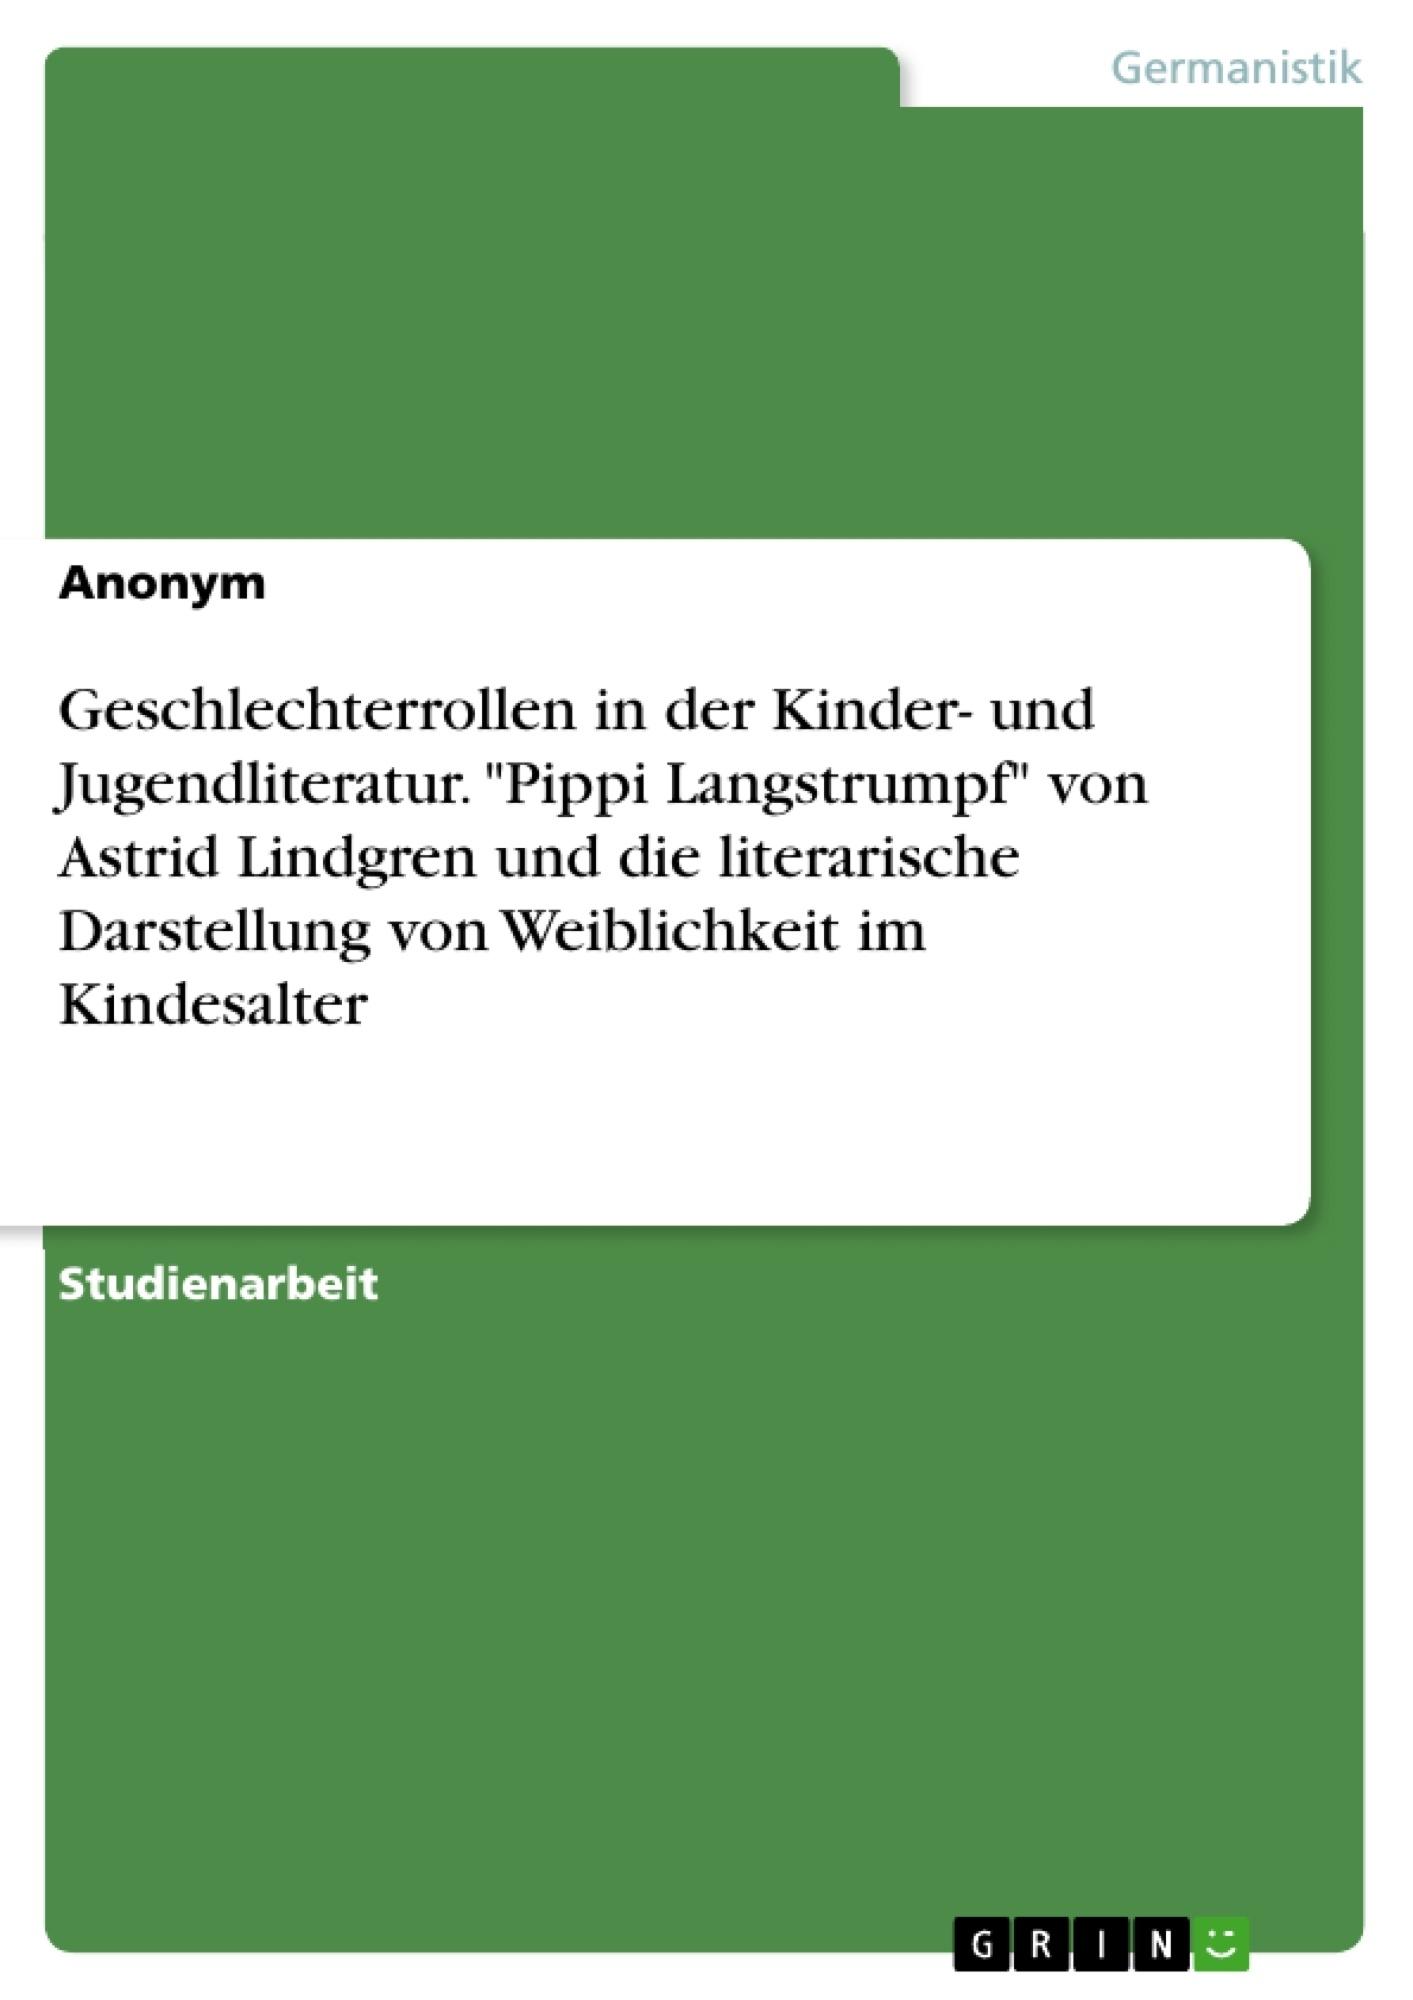 """Titel: Geschlechterrollen in der Kinder- und Jugendliteratur. """"Pippi Langstrumpf"""" von Astrid Lindgren und die literarische Darstellung von Weiblichkeit im Kindesalter"""